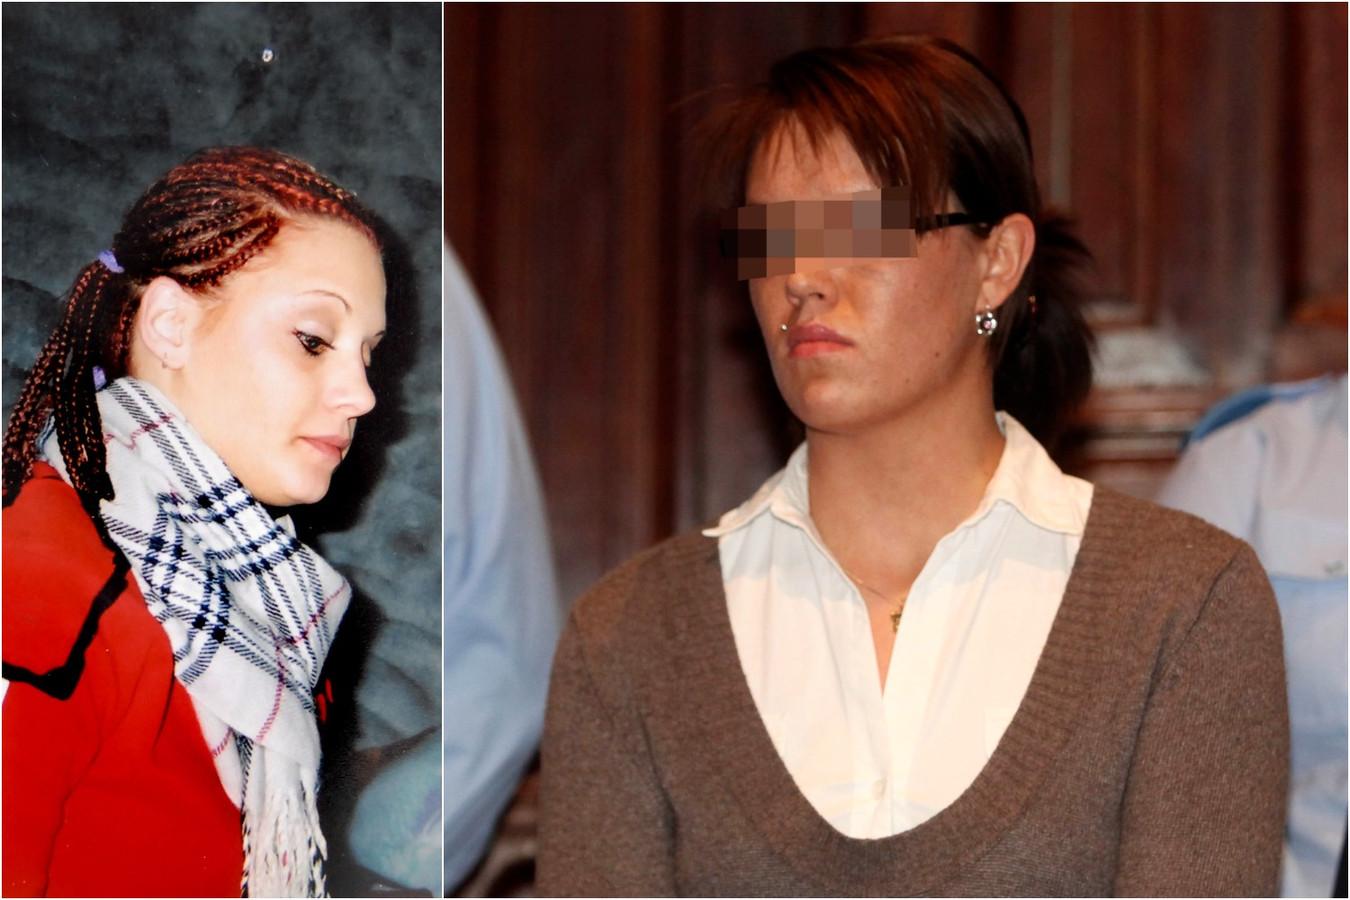 Priscilla Vervecken (links) werd op 15 juni 2007 vermoord door Carolien V.L.